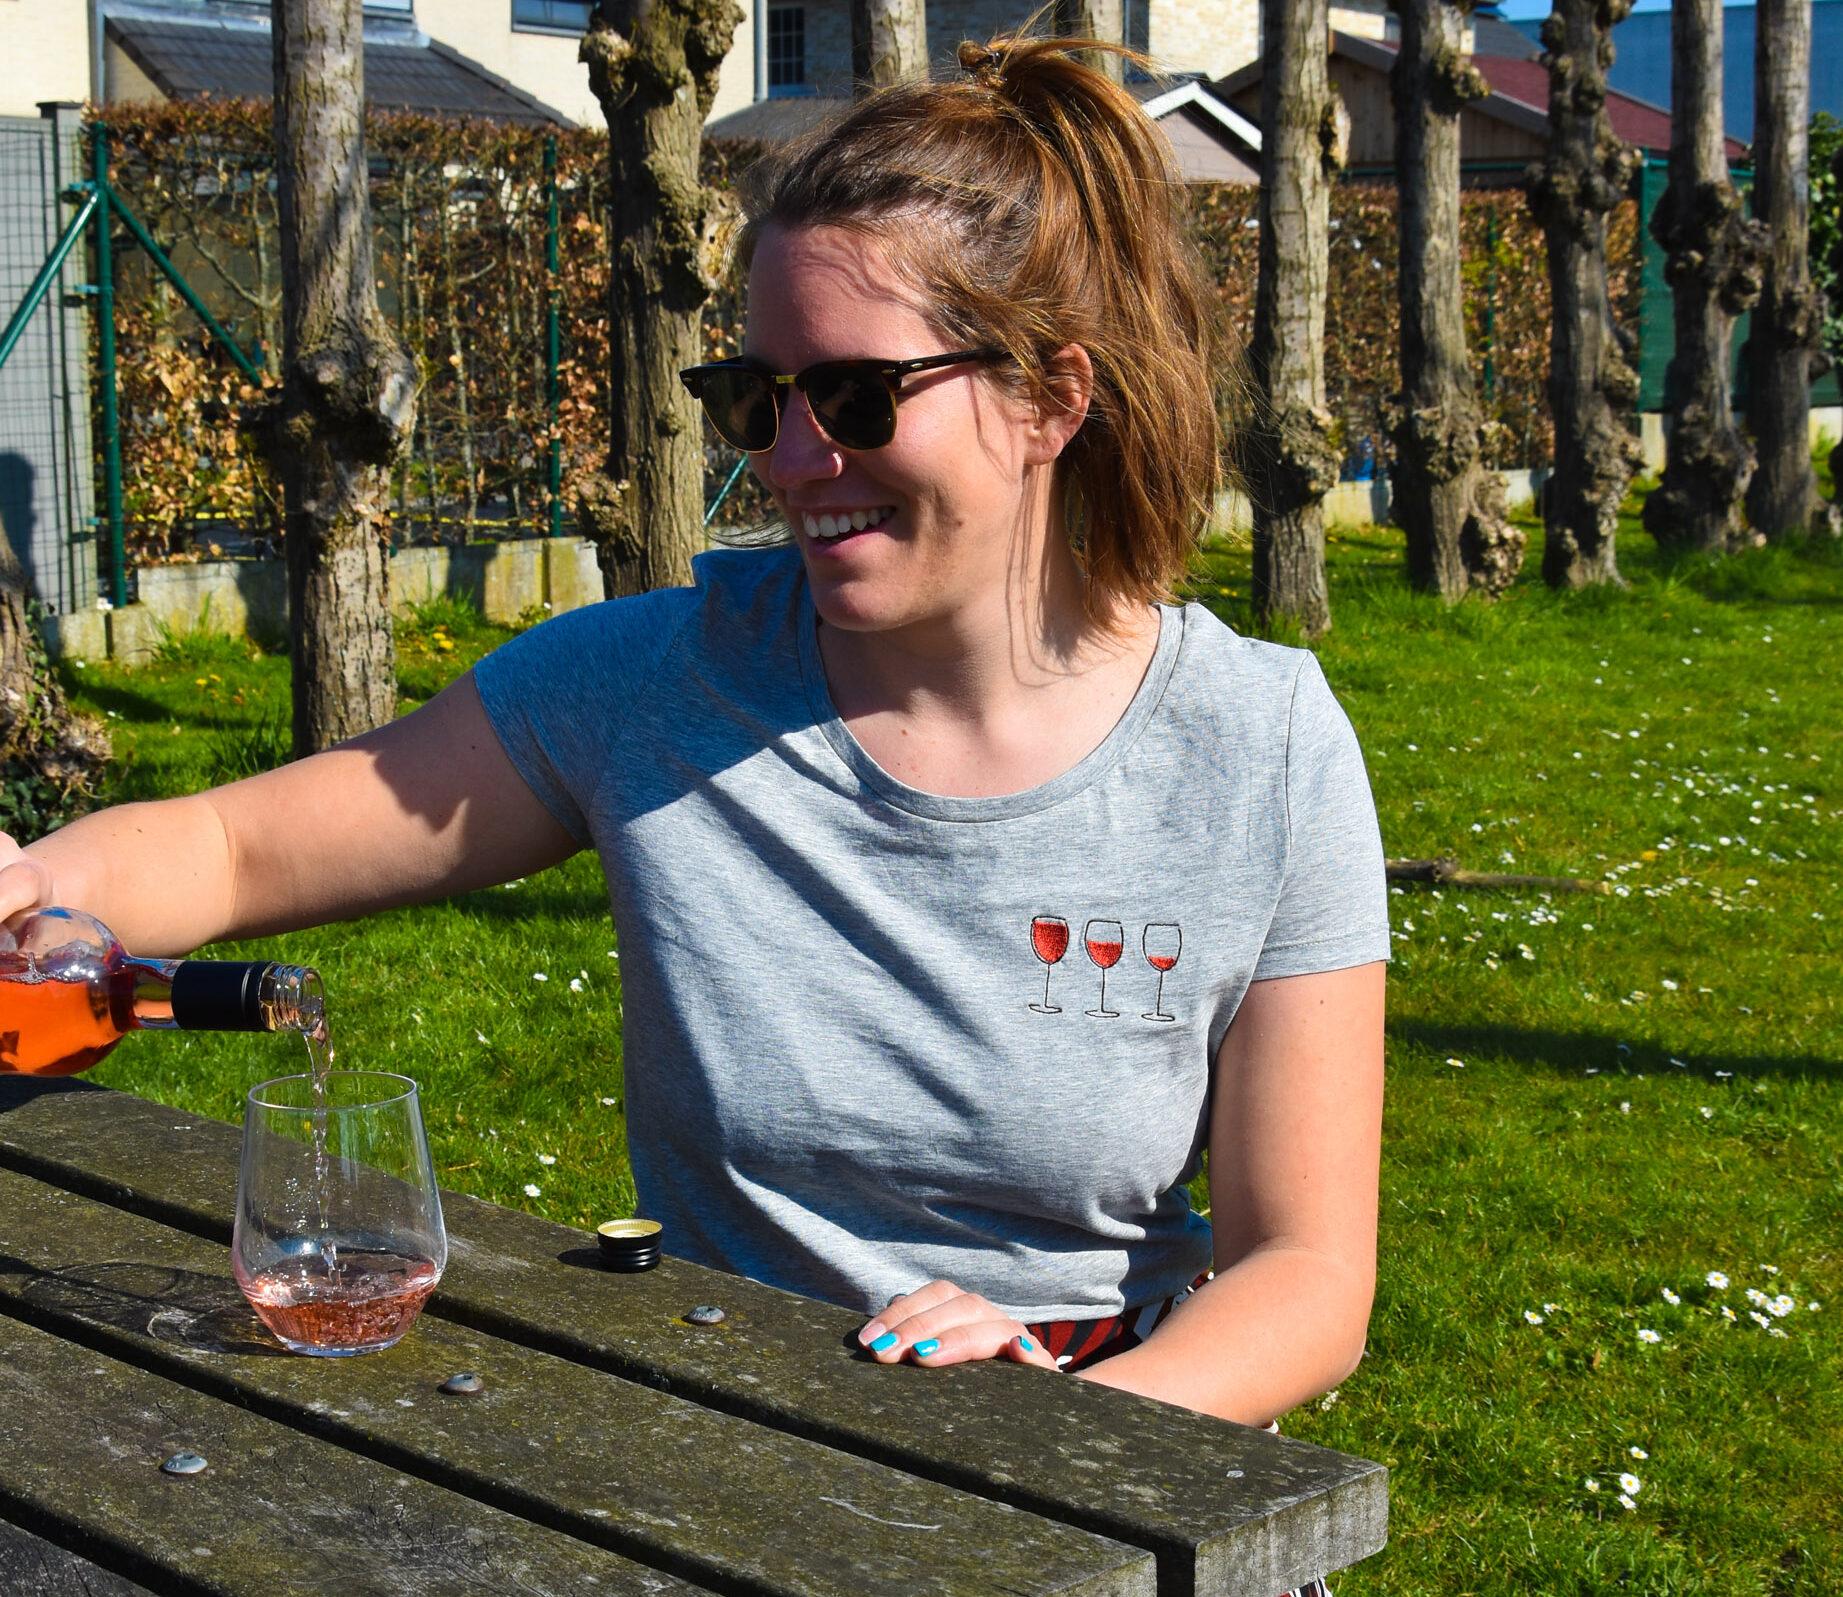 Anonymous Albert wine glasses - Her Shirt